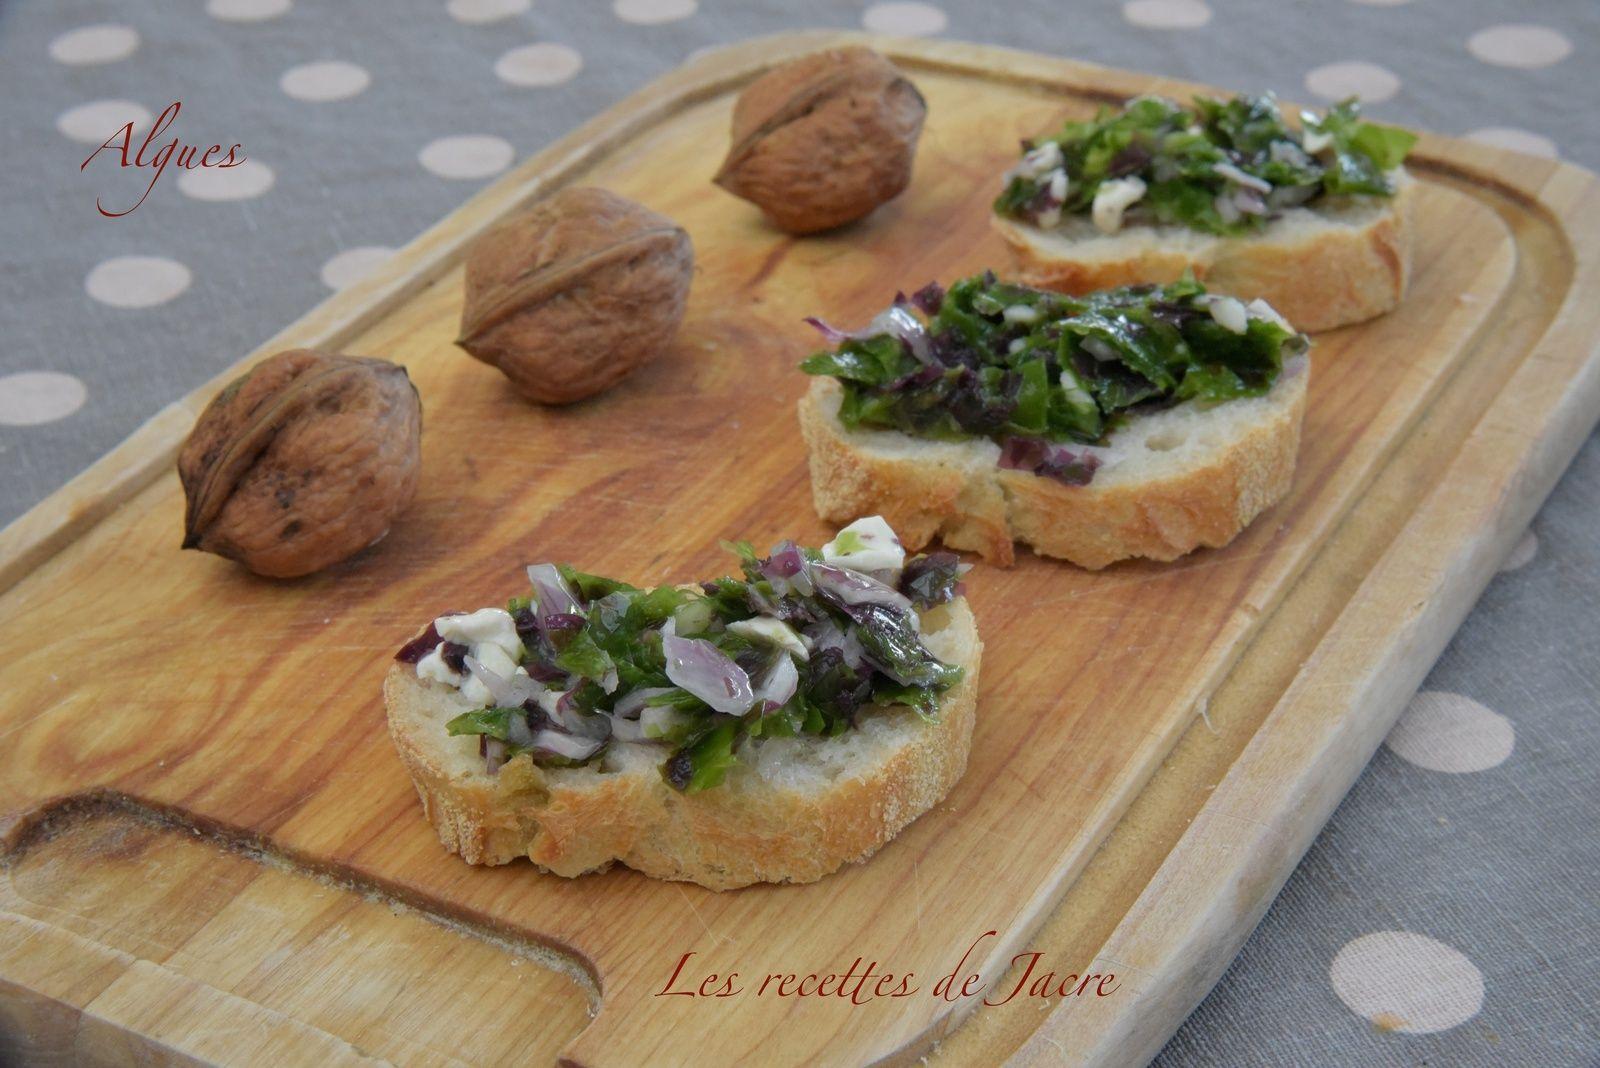 Tartare D Algues Et Noix Fraiches Les Recettes De Jacre En Toute Simplicite Noix Fraiches Recettes De Cuisine Algues